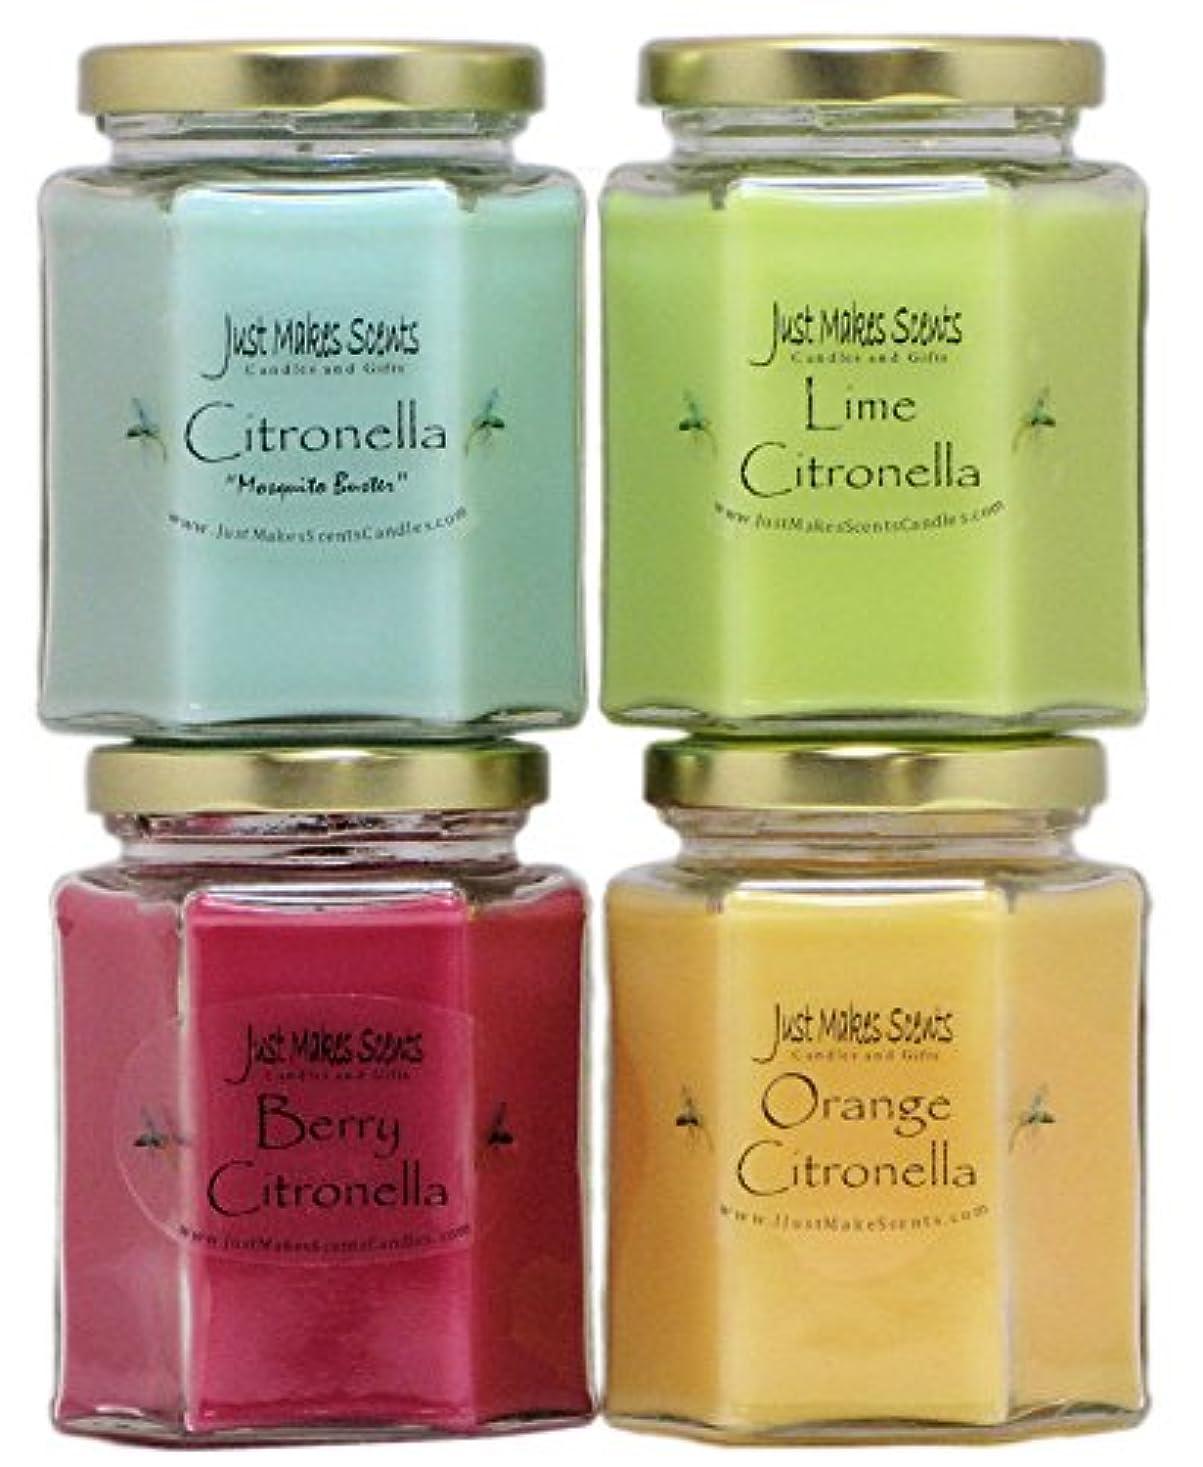 柔和慣らす創造インドアCitronella Candle Variety Pack | Flying反発昆虫内側|手Poured in the USA by Just Makes Scents